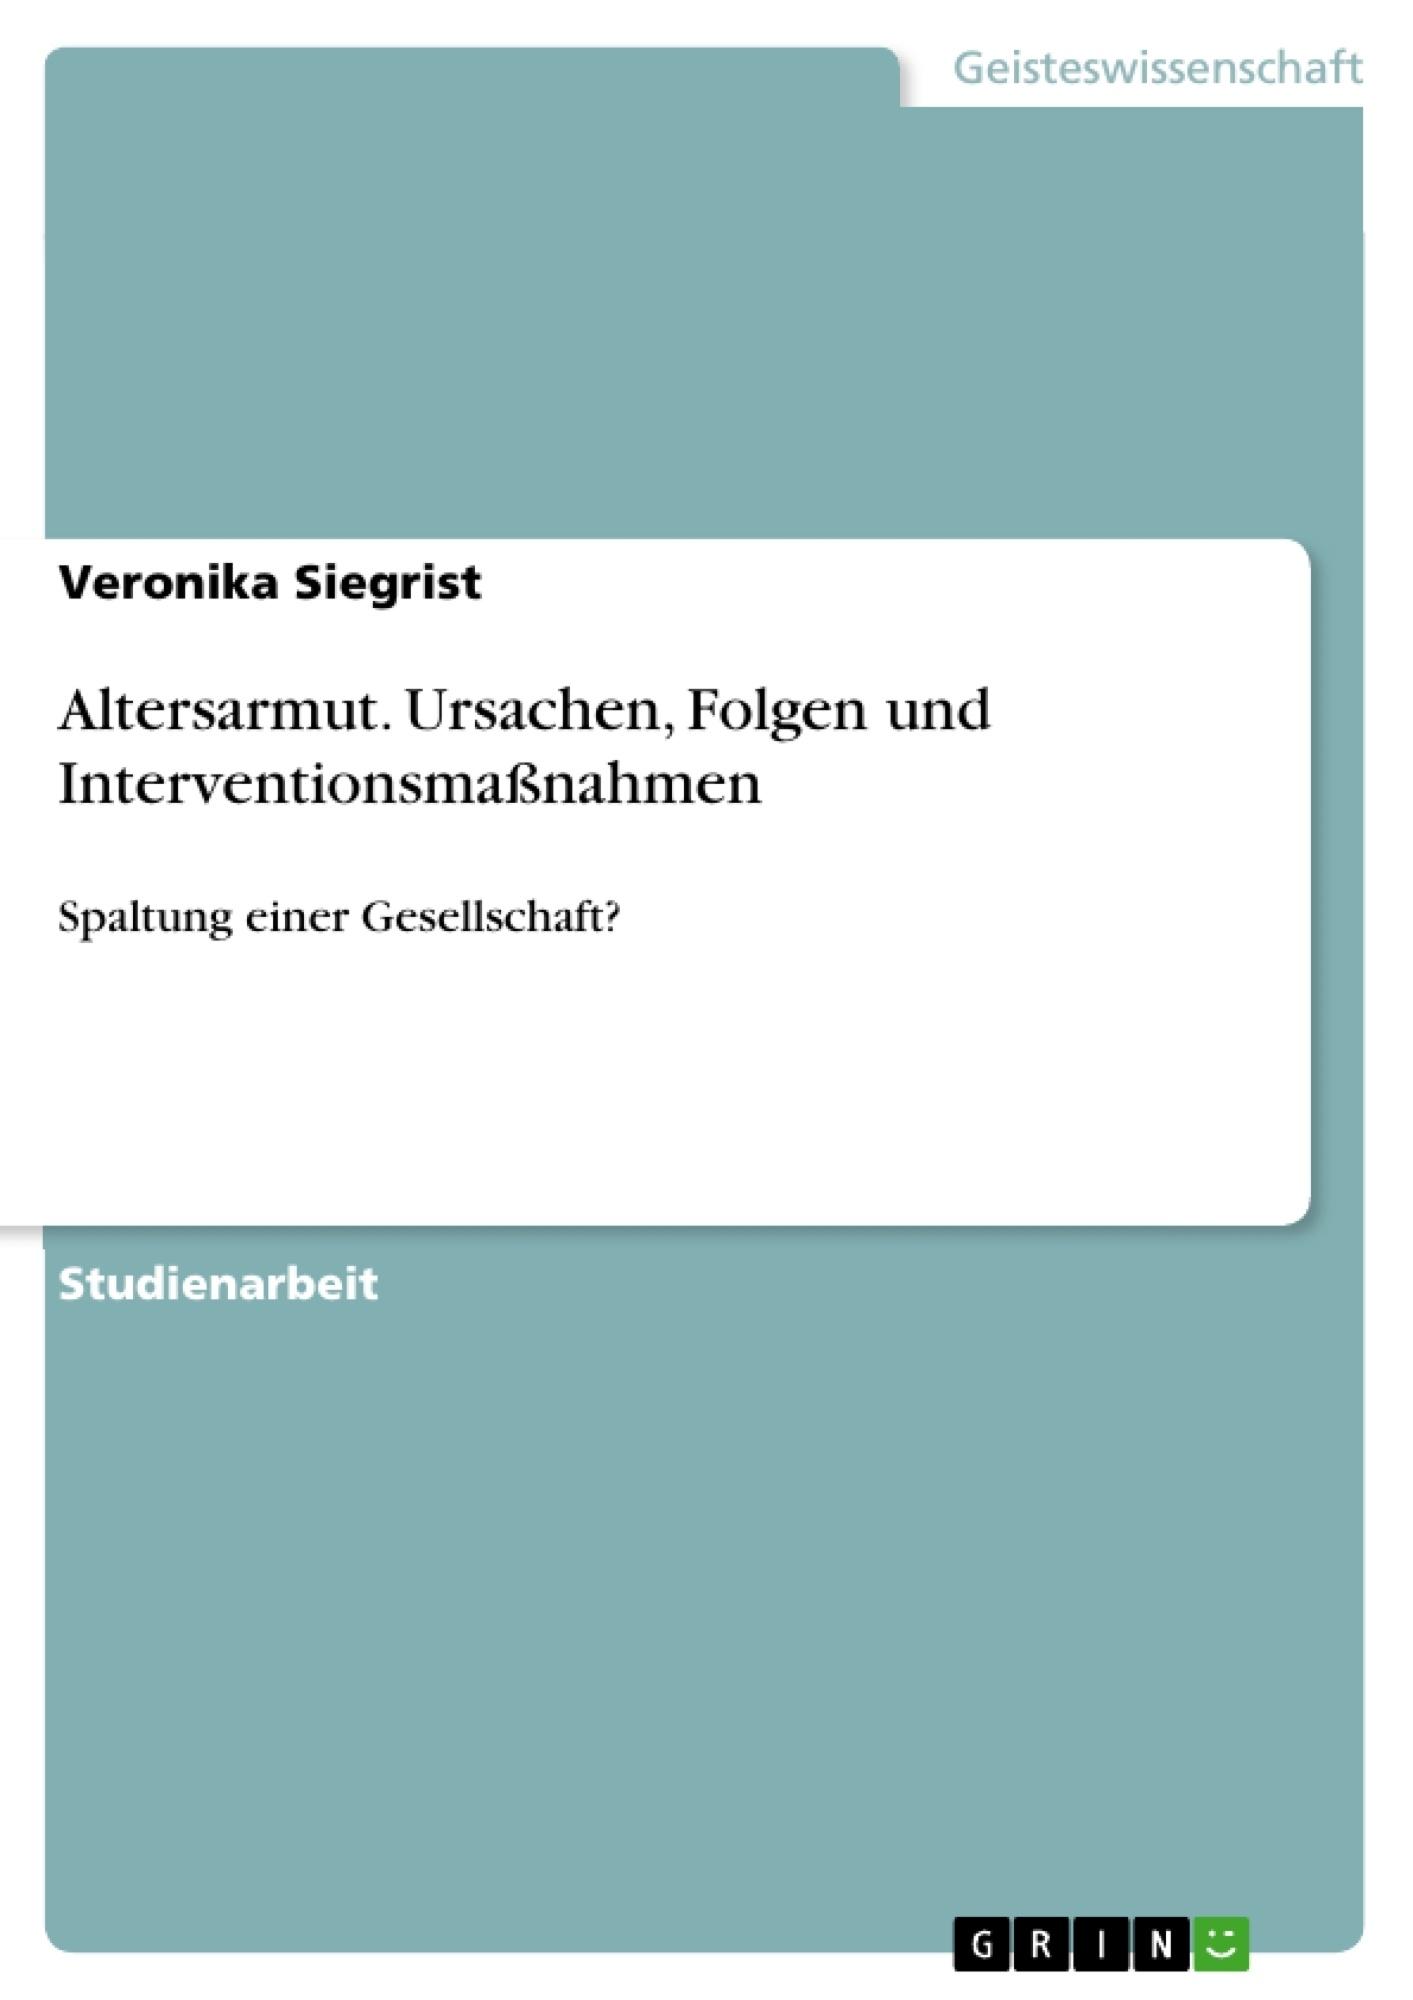 Titel: Altersarmut. Ursachen, Folgen und Interventionsmaßnahmen